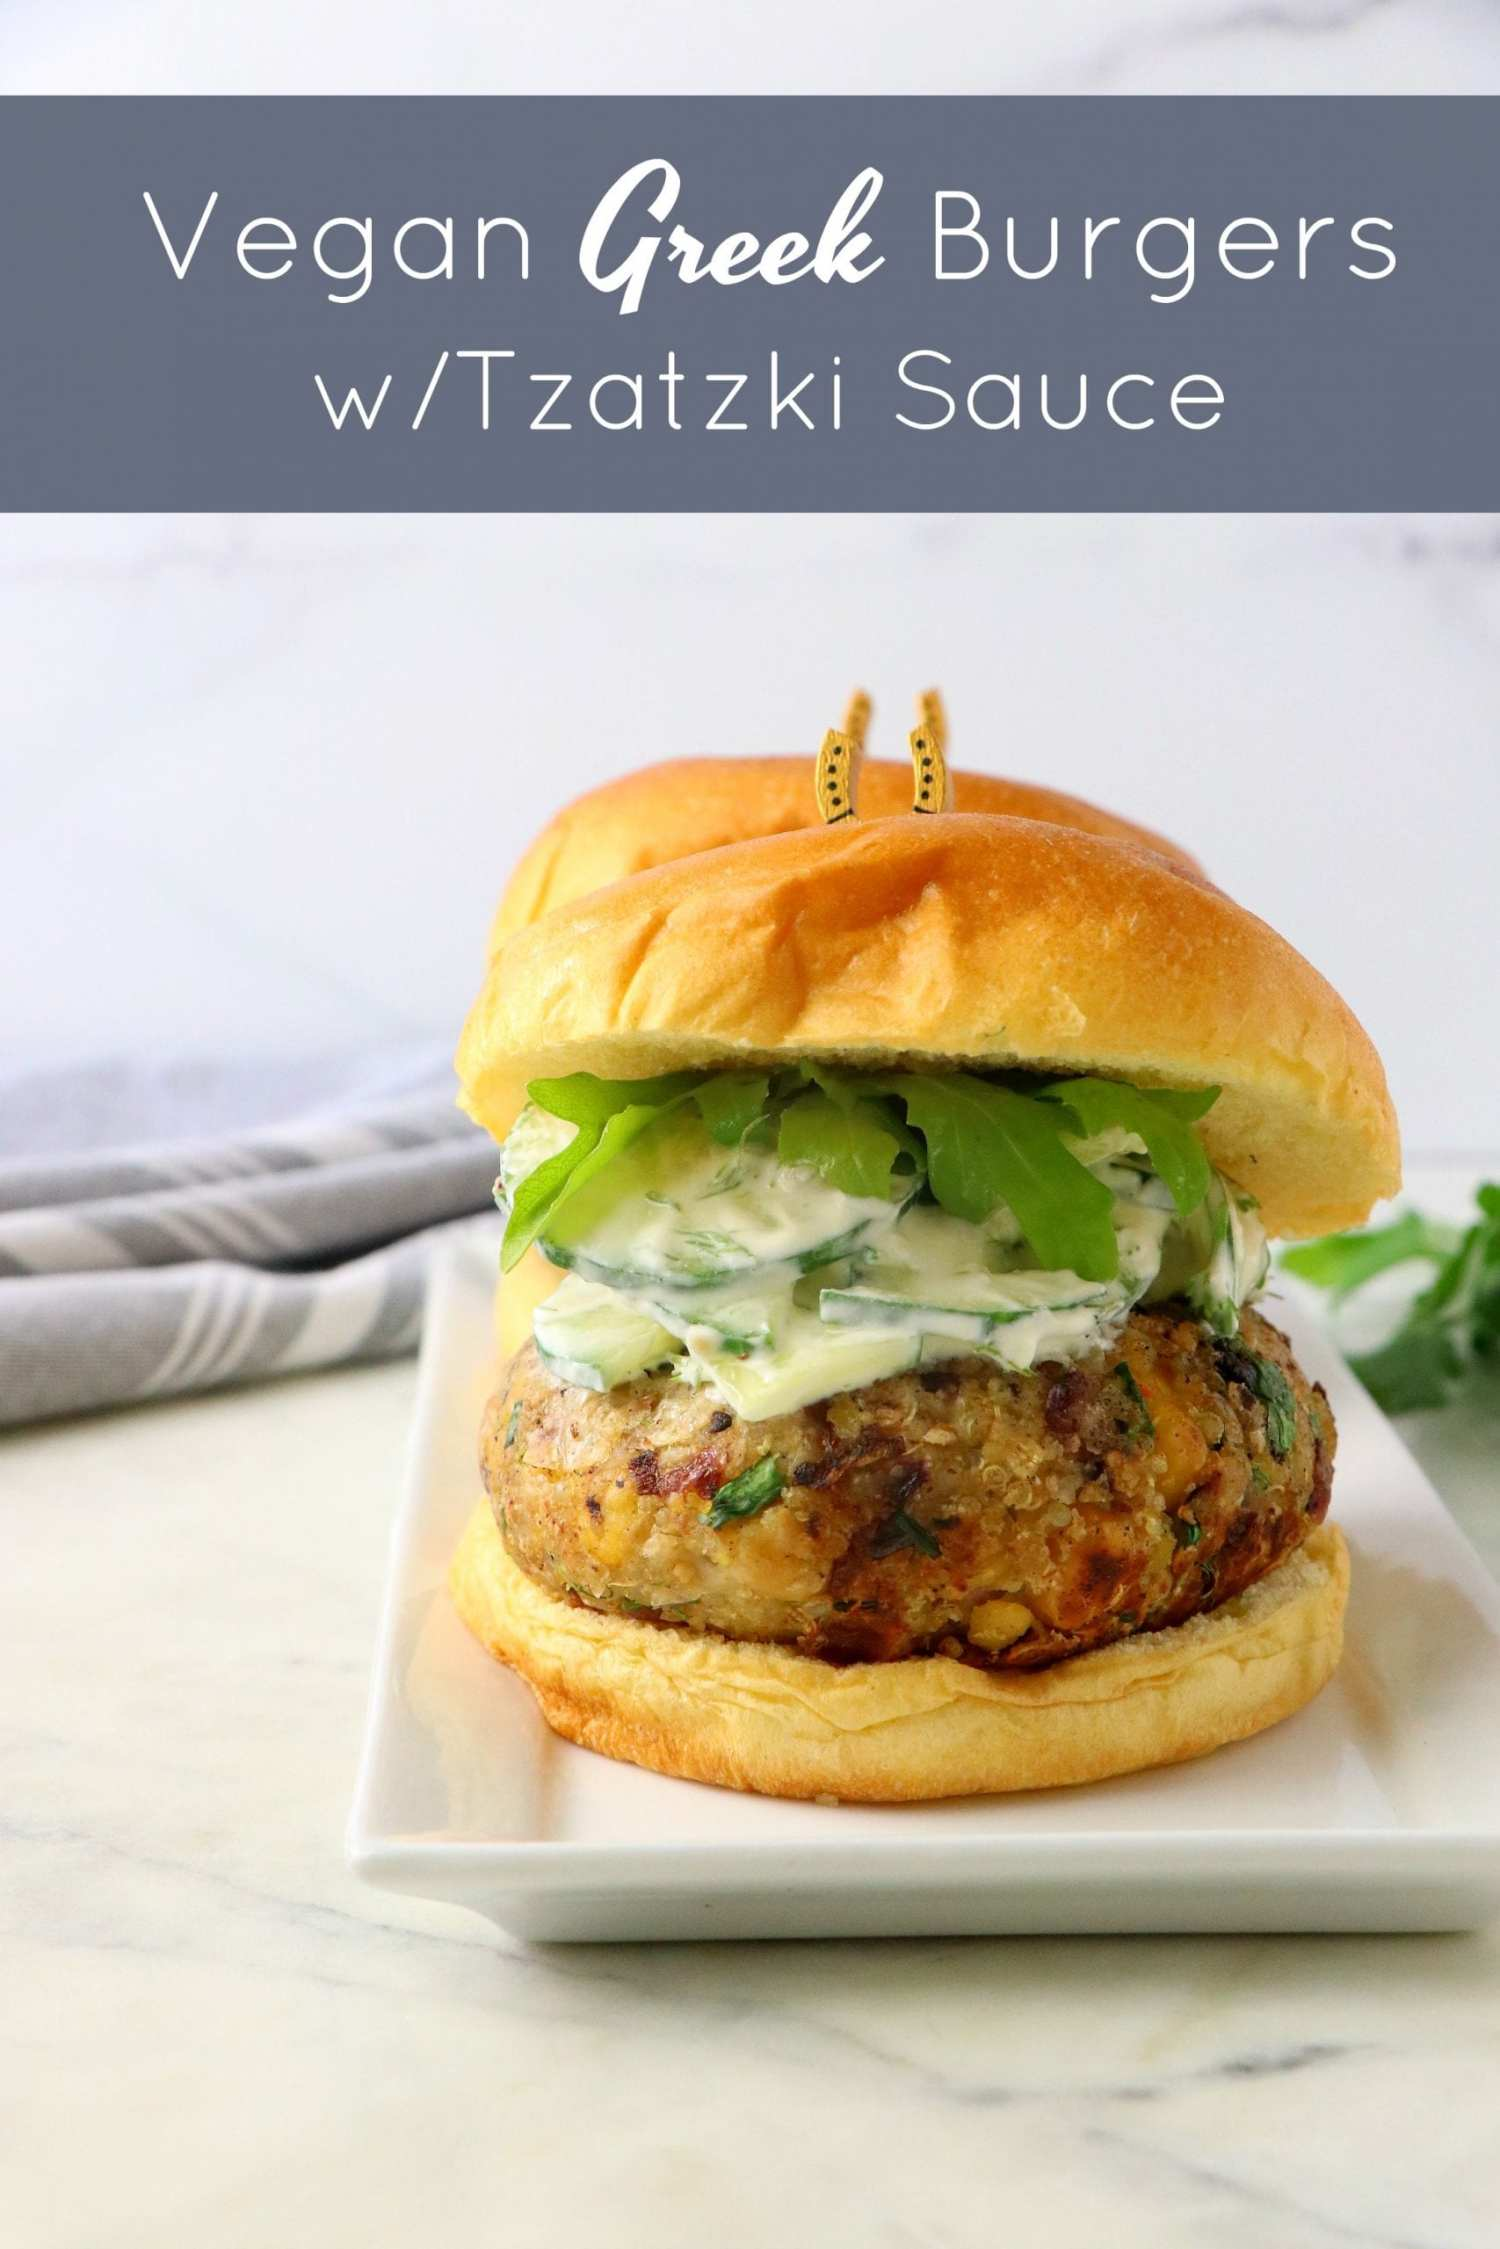 Vegan Chickpea Burgers With Tzatziki Sauce